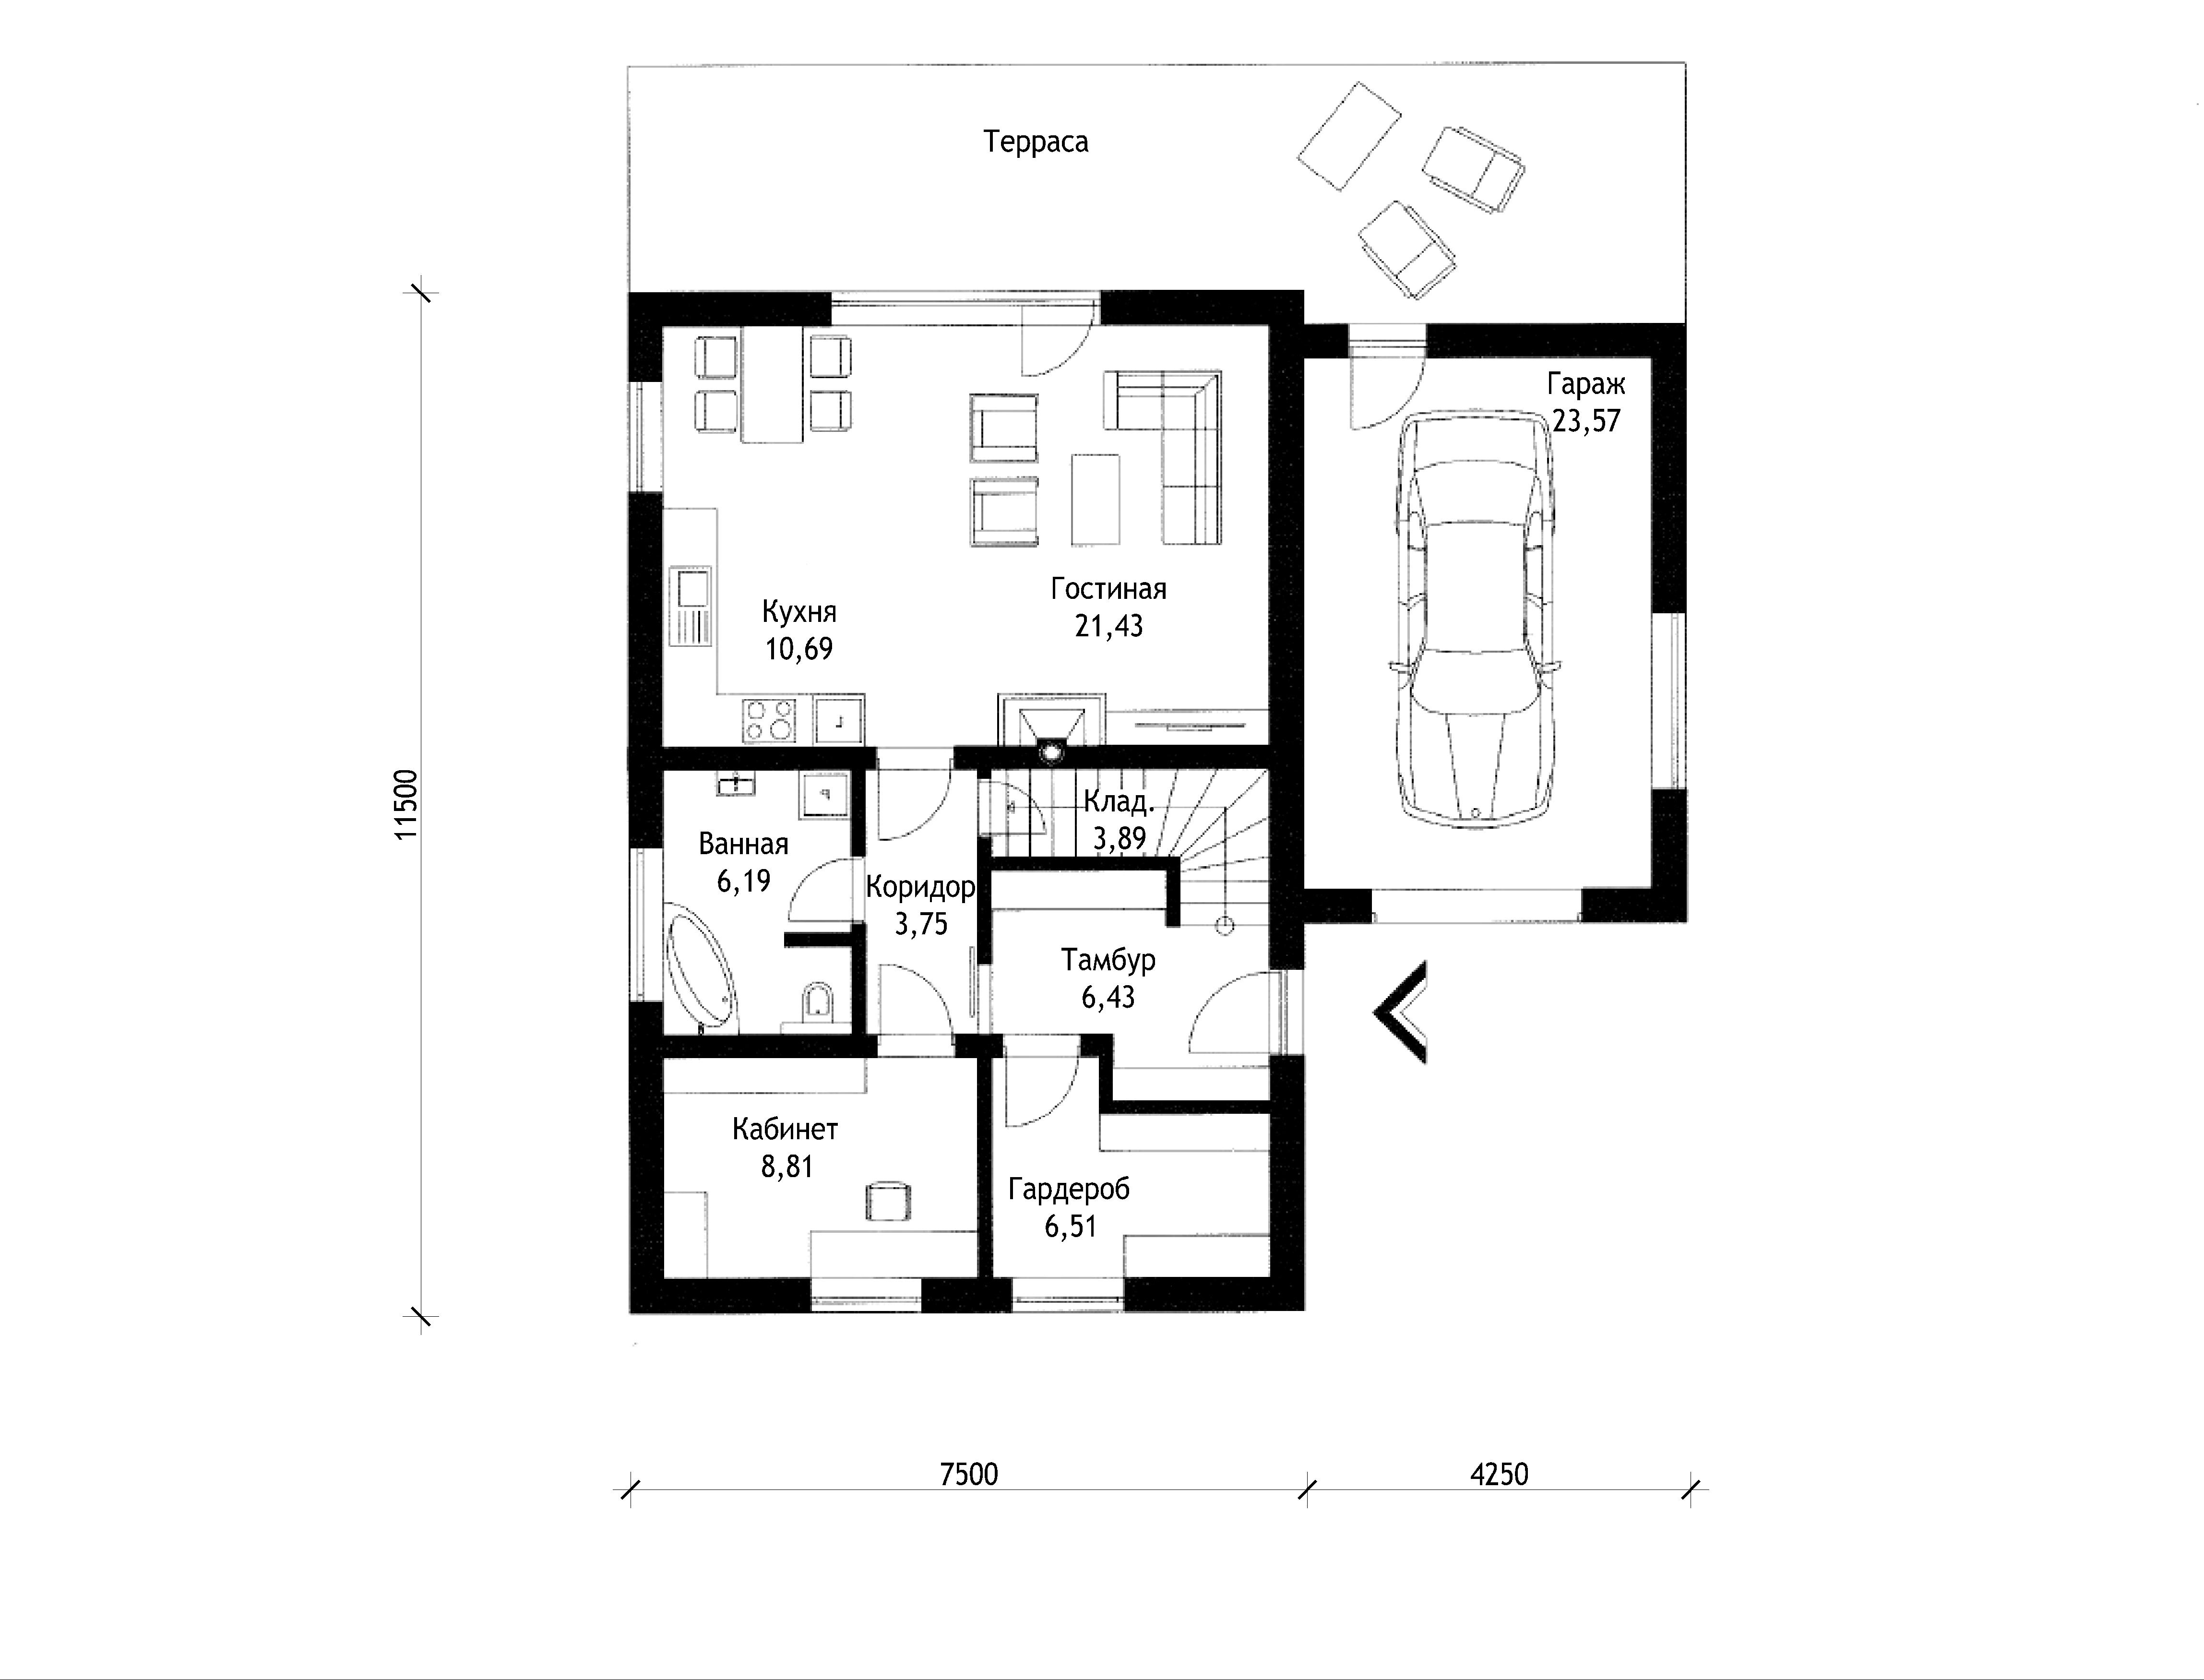 План 1 этажа двухэтажного дома с террасой и гаражом V05